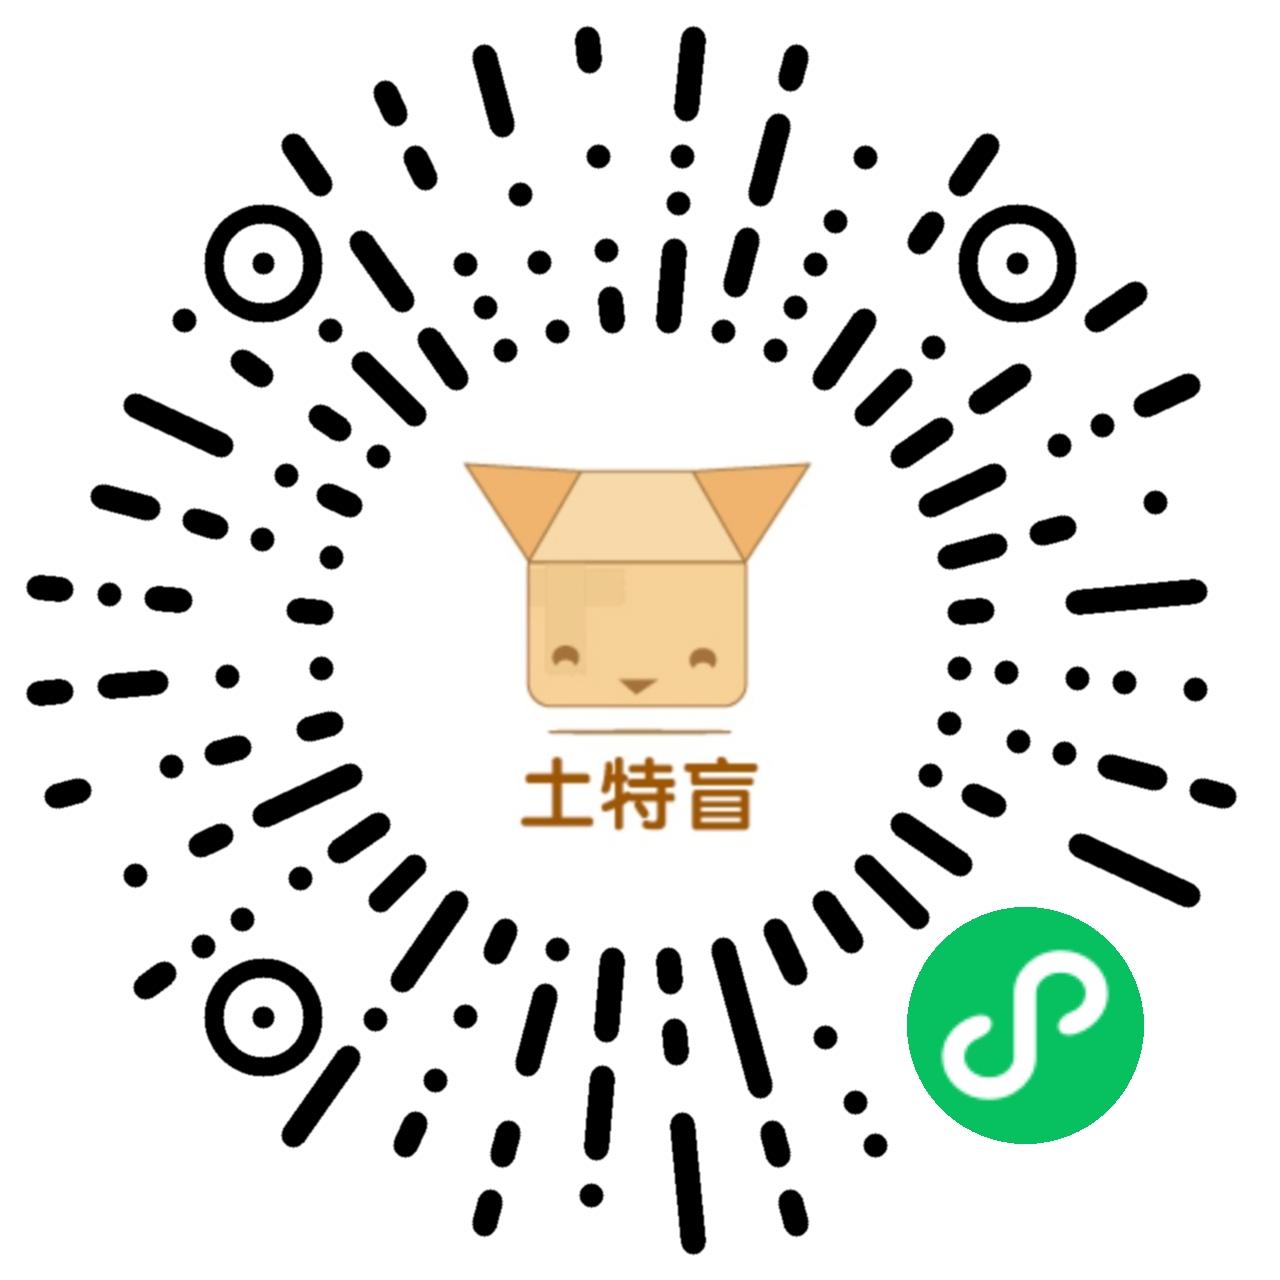 土特盲® 多功能商城